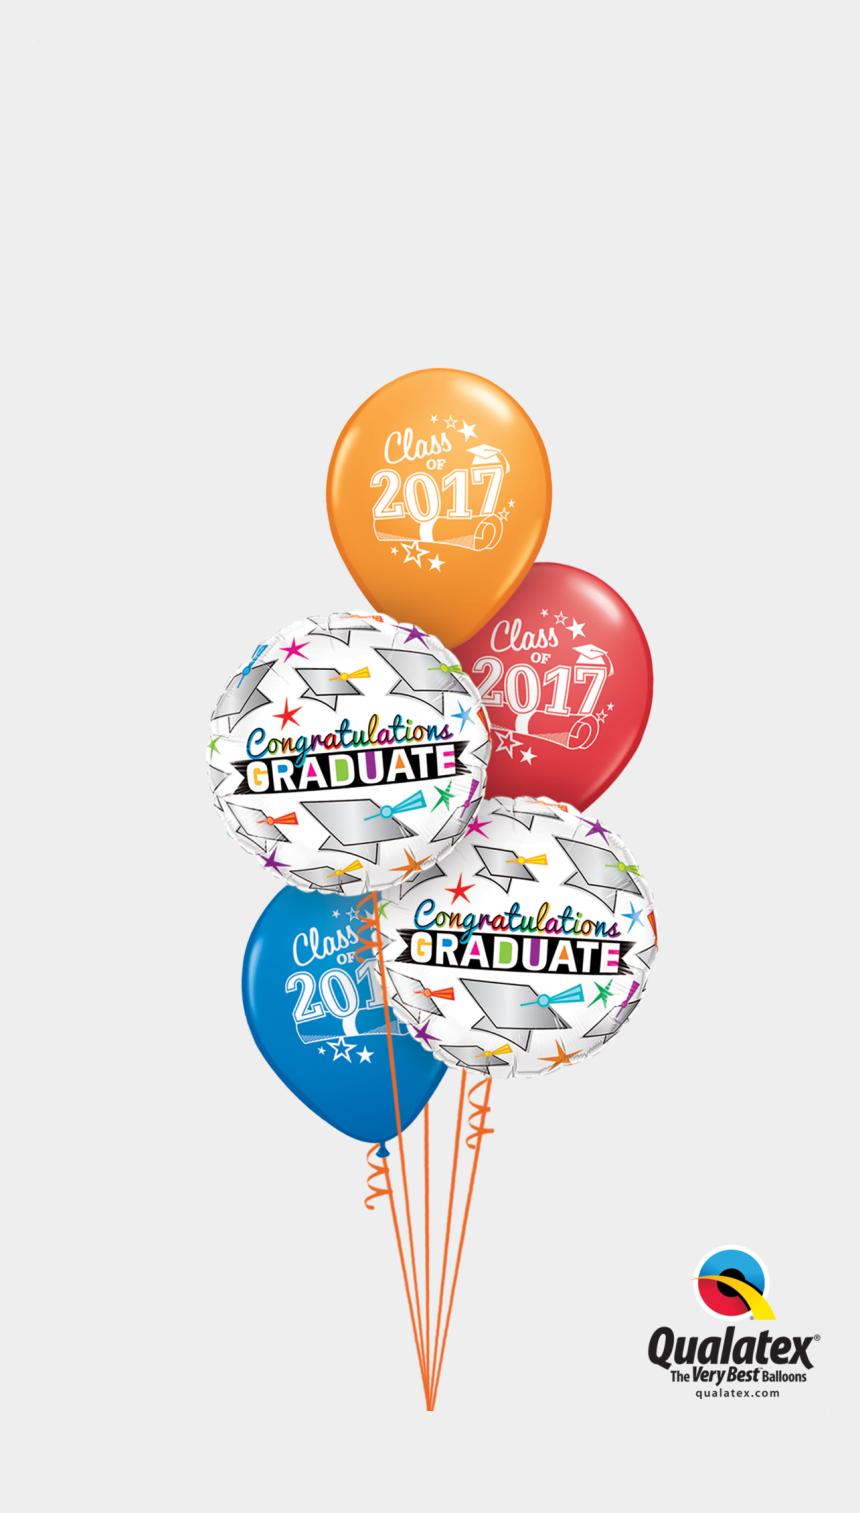 graduation cap 2017 clipart, Cartoons - Hat's Off 2017 Grad - Balloon